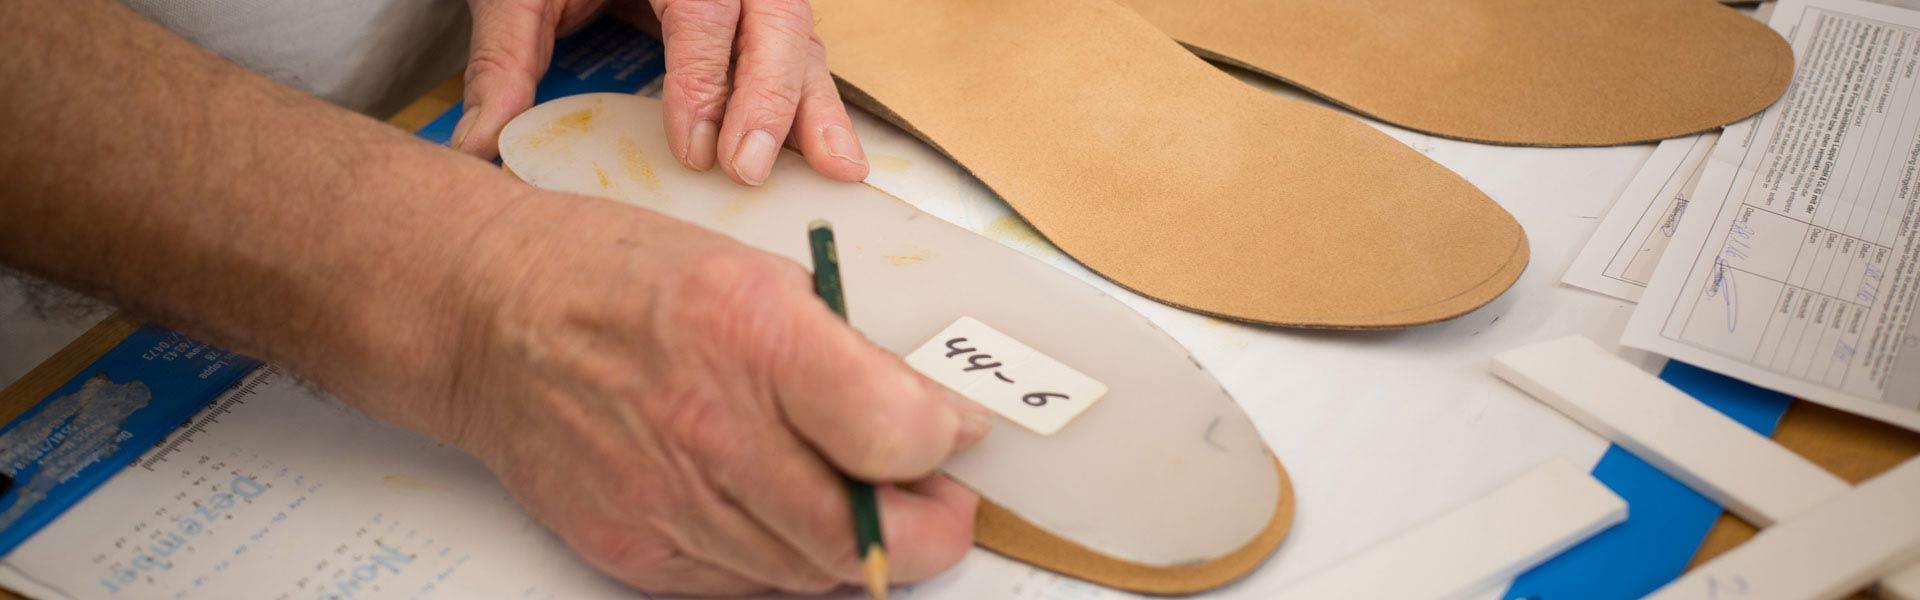 Sanitätshaus Lappe - Profis für Schuh-Technik